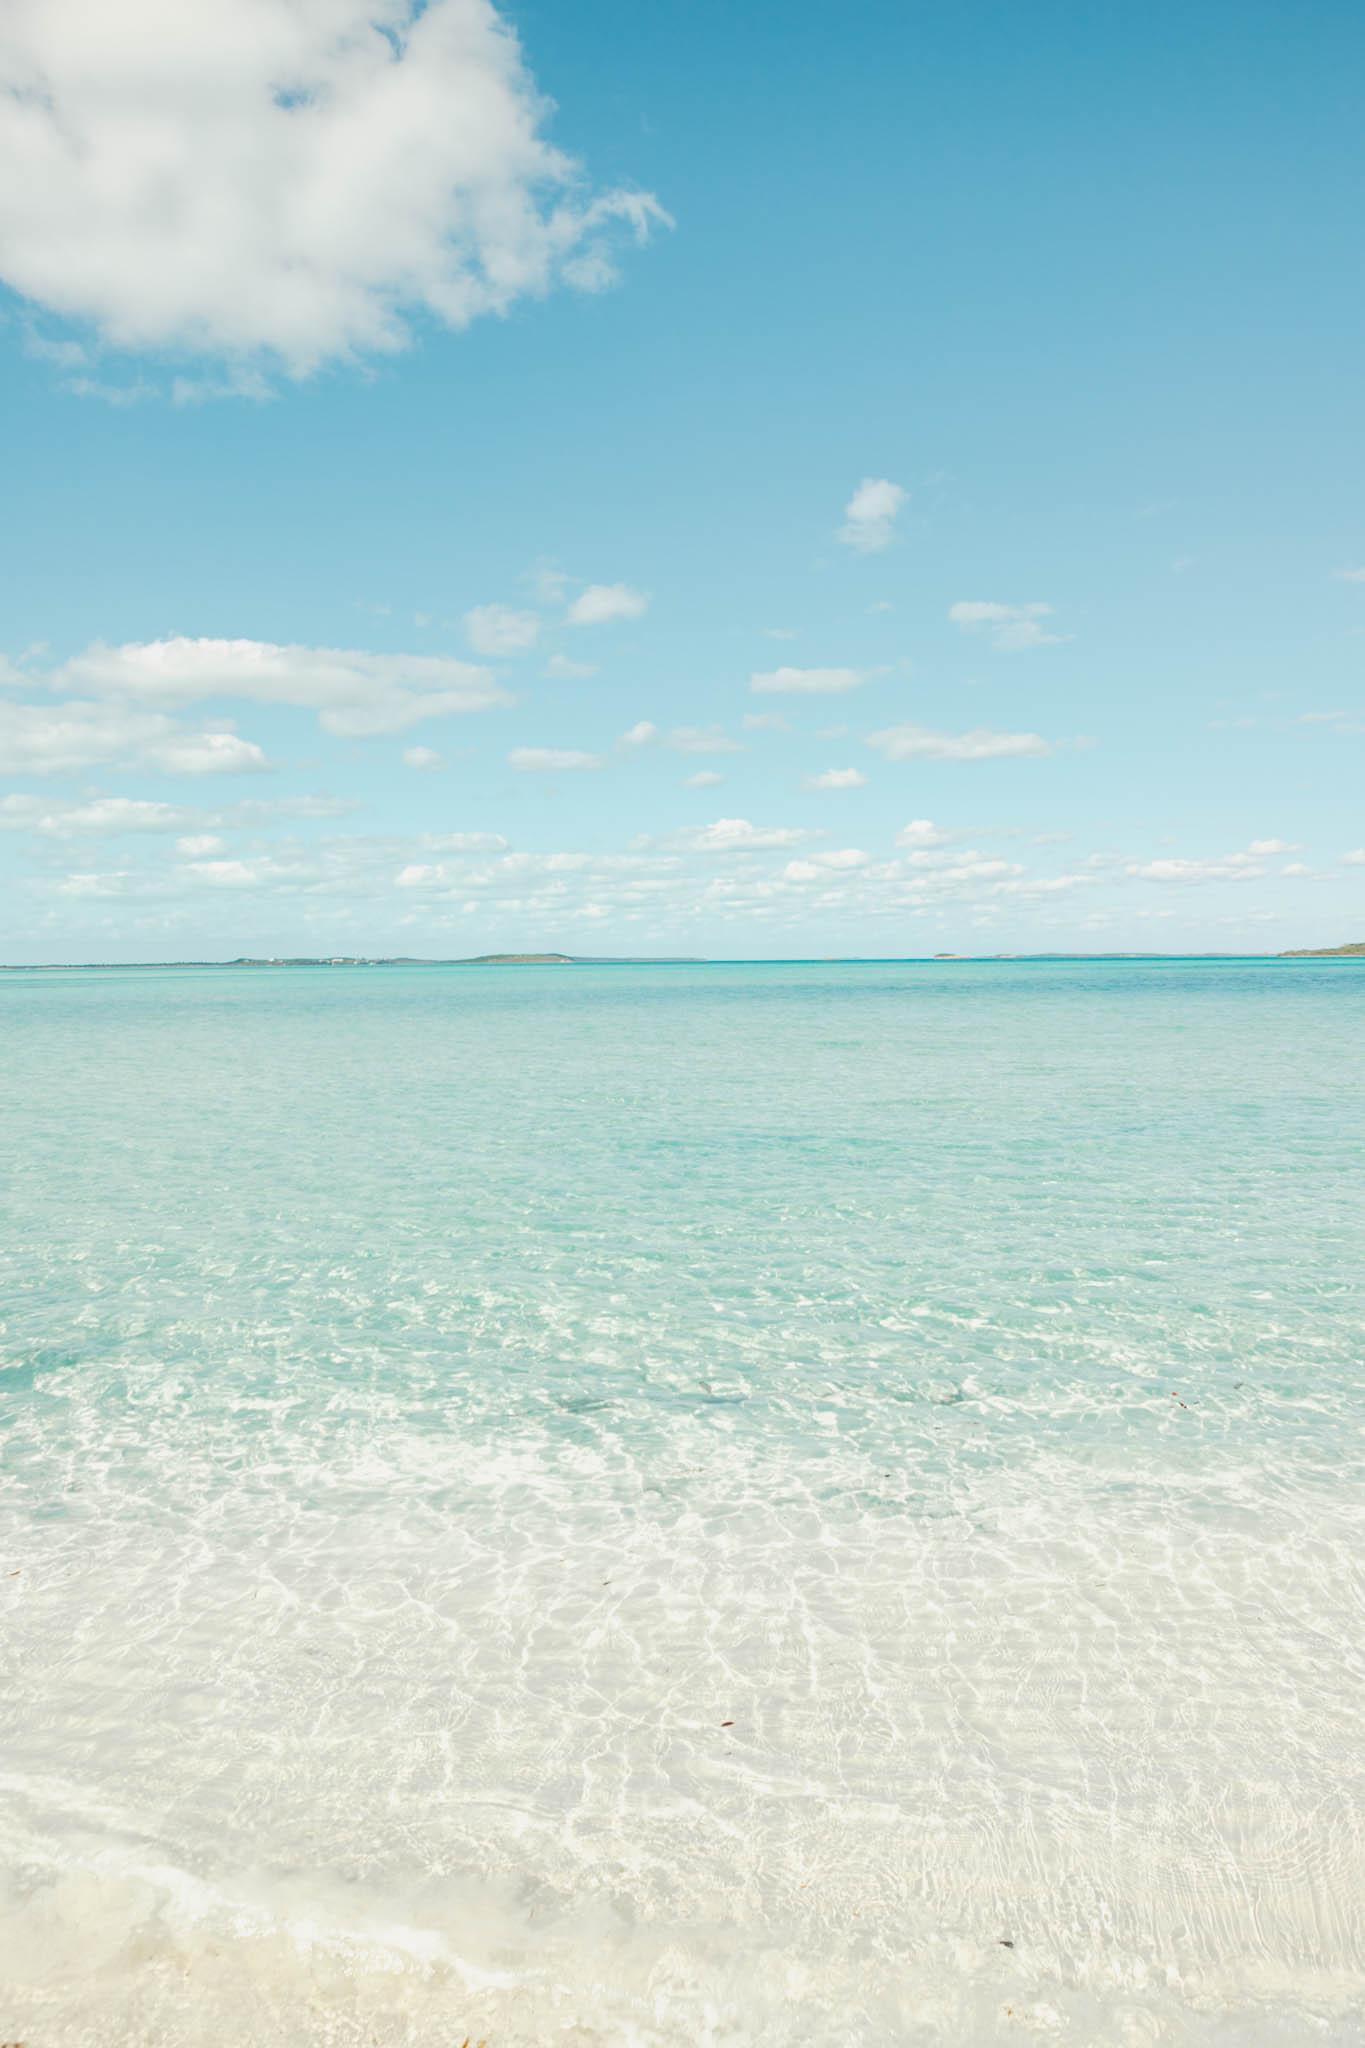 lars bahamas (8 of 39).jpg